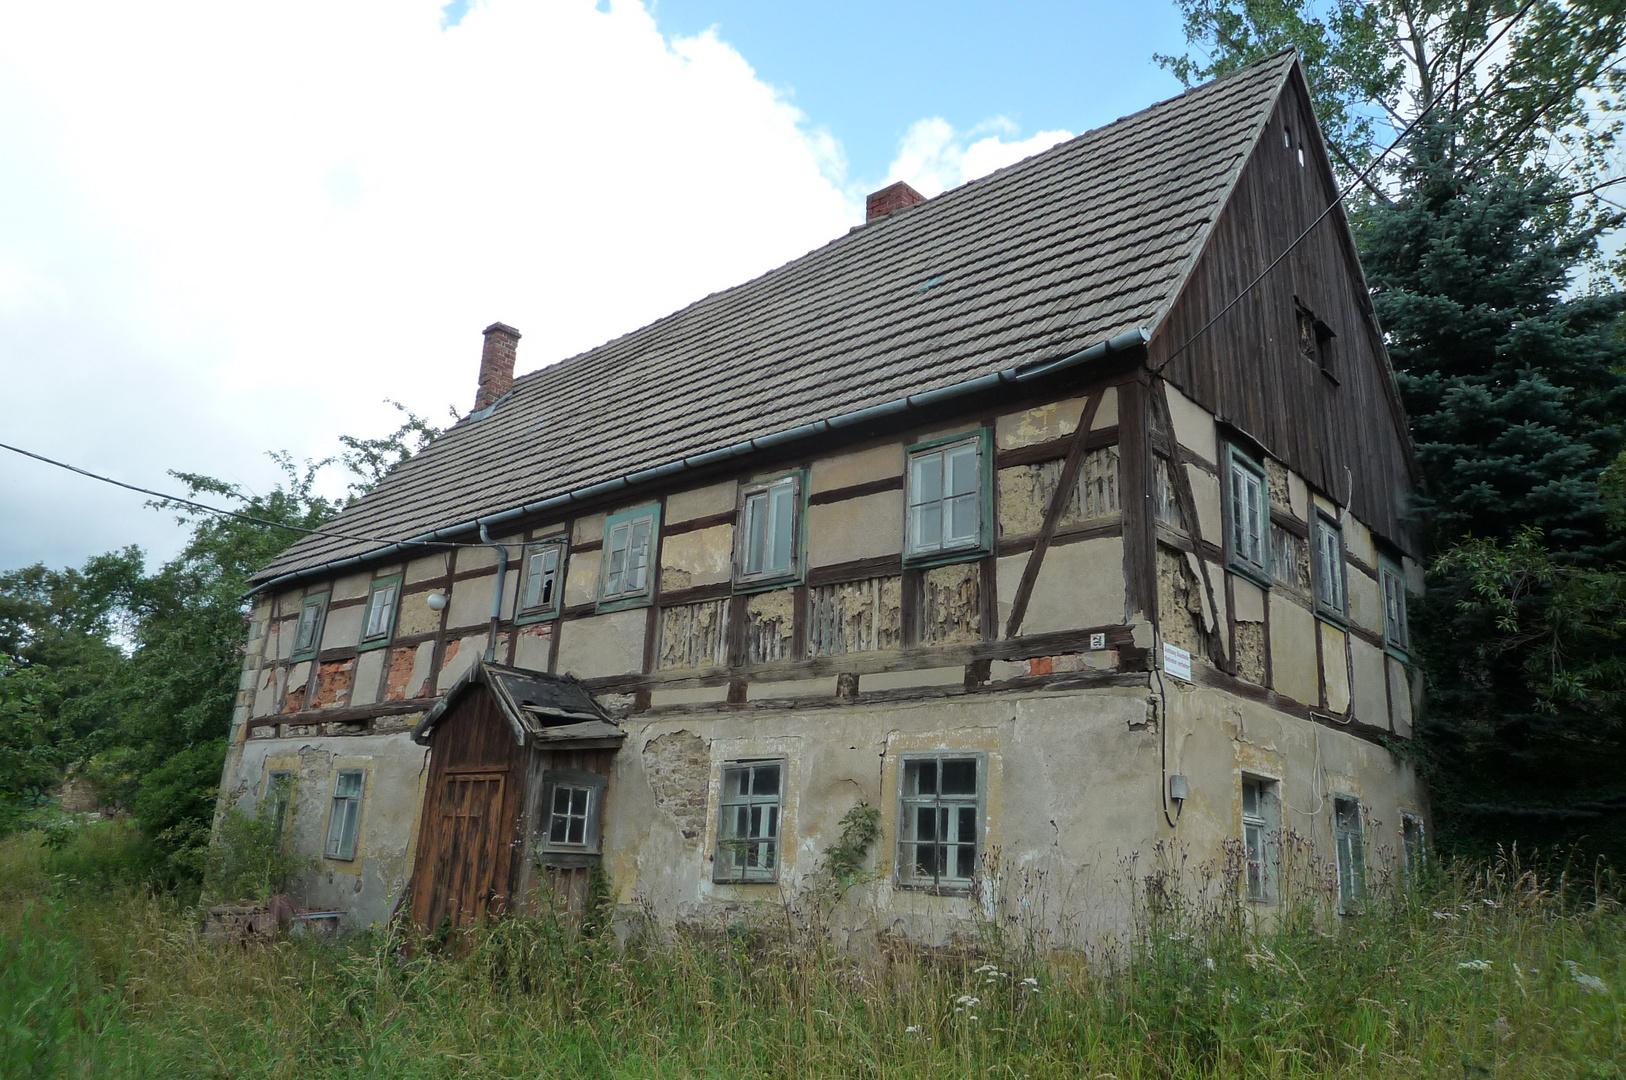 altes Bauernhaus Erzgebirge